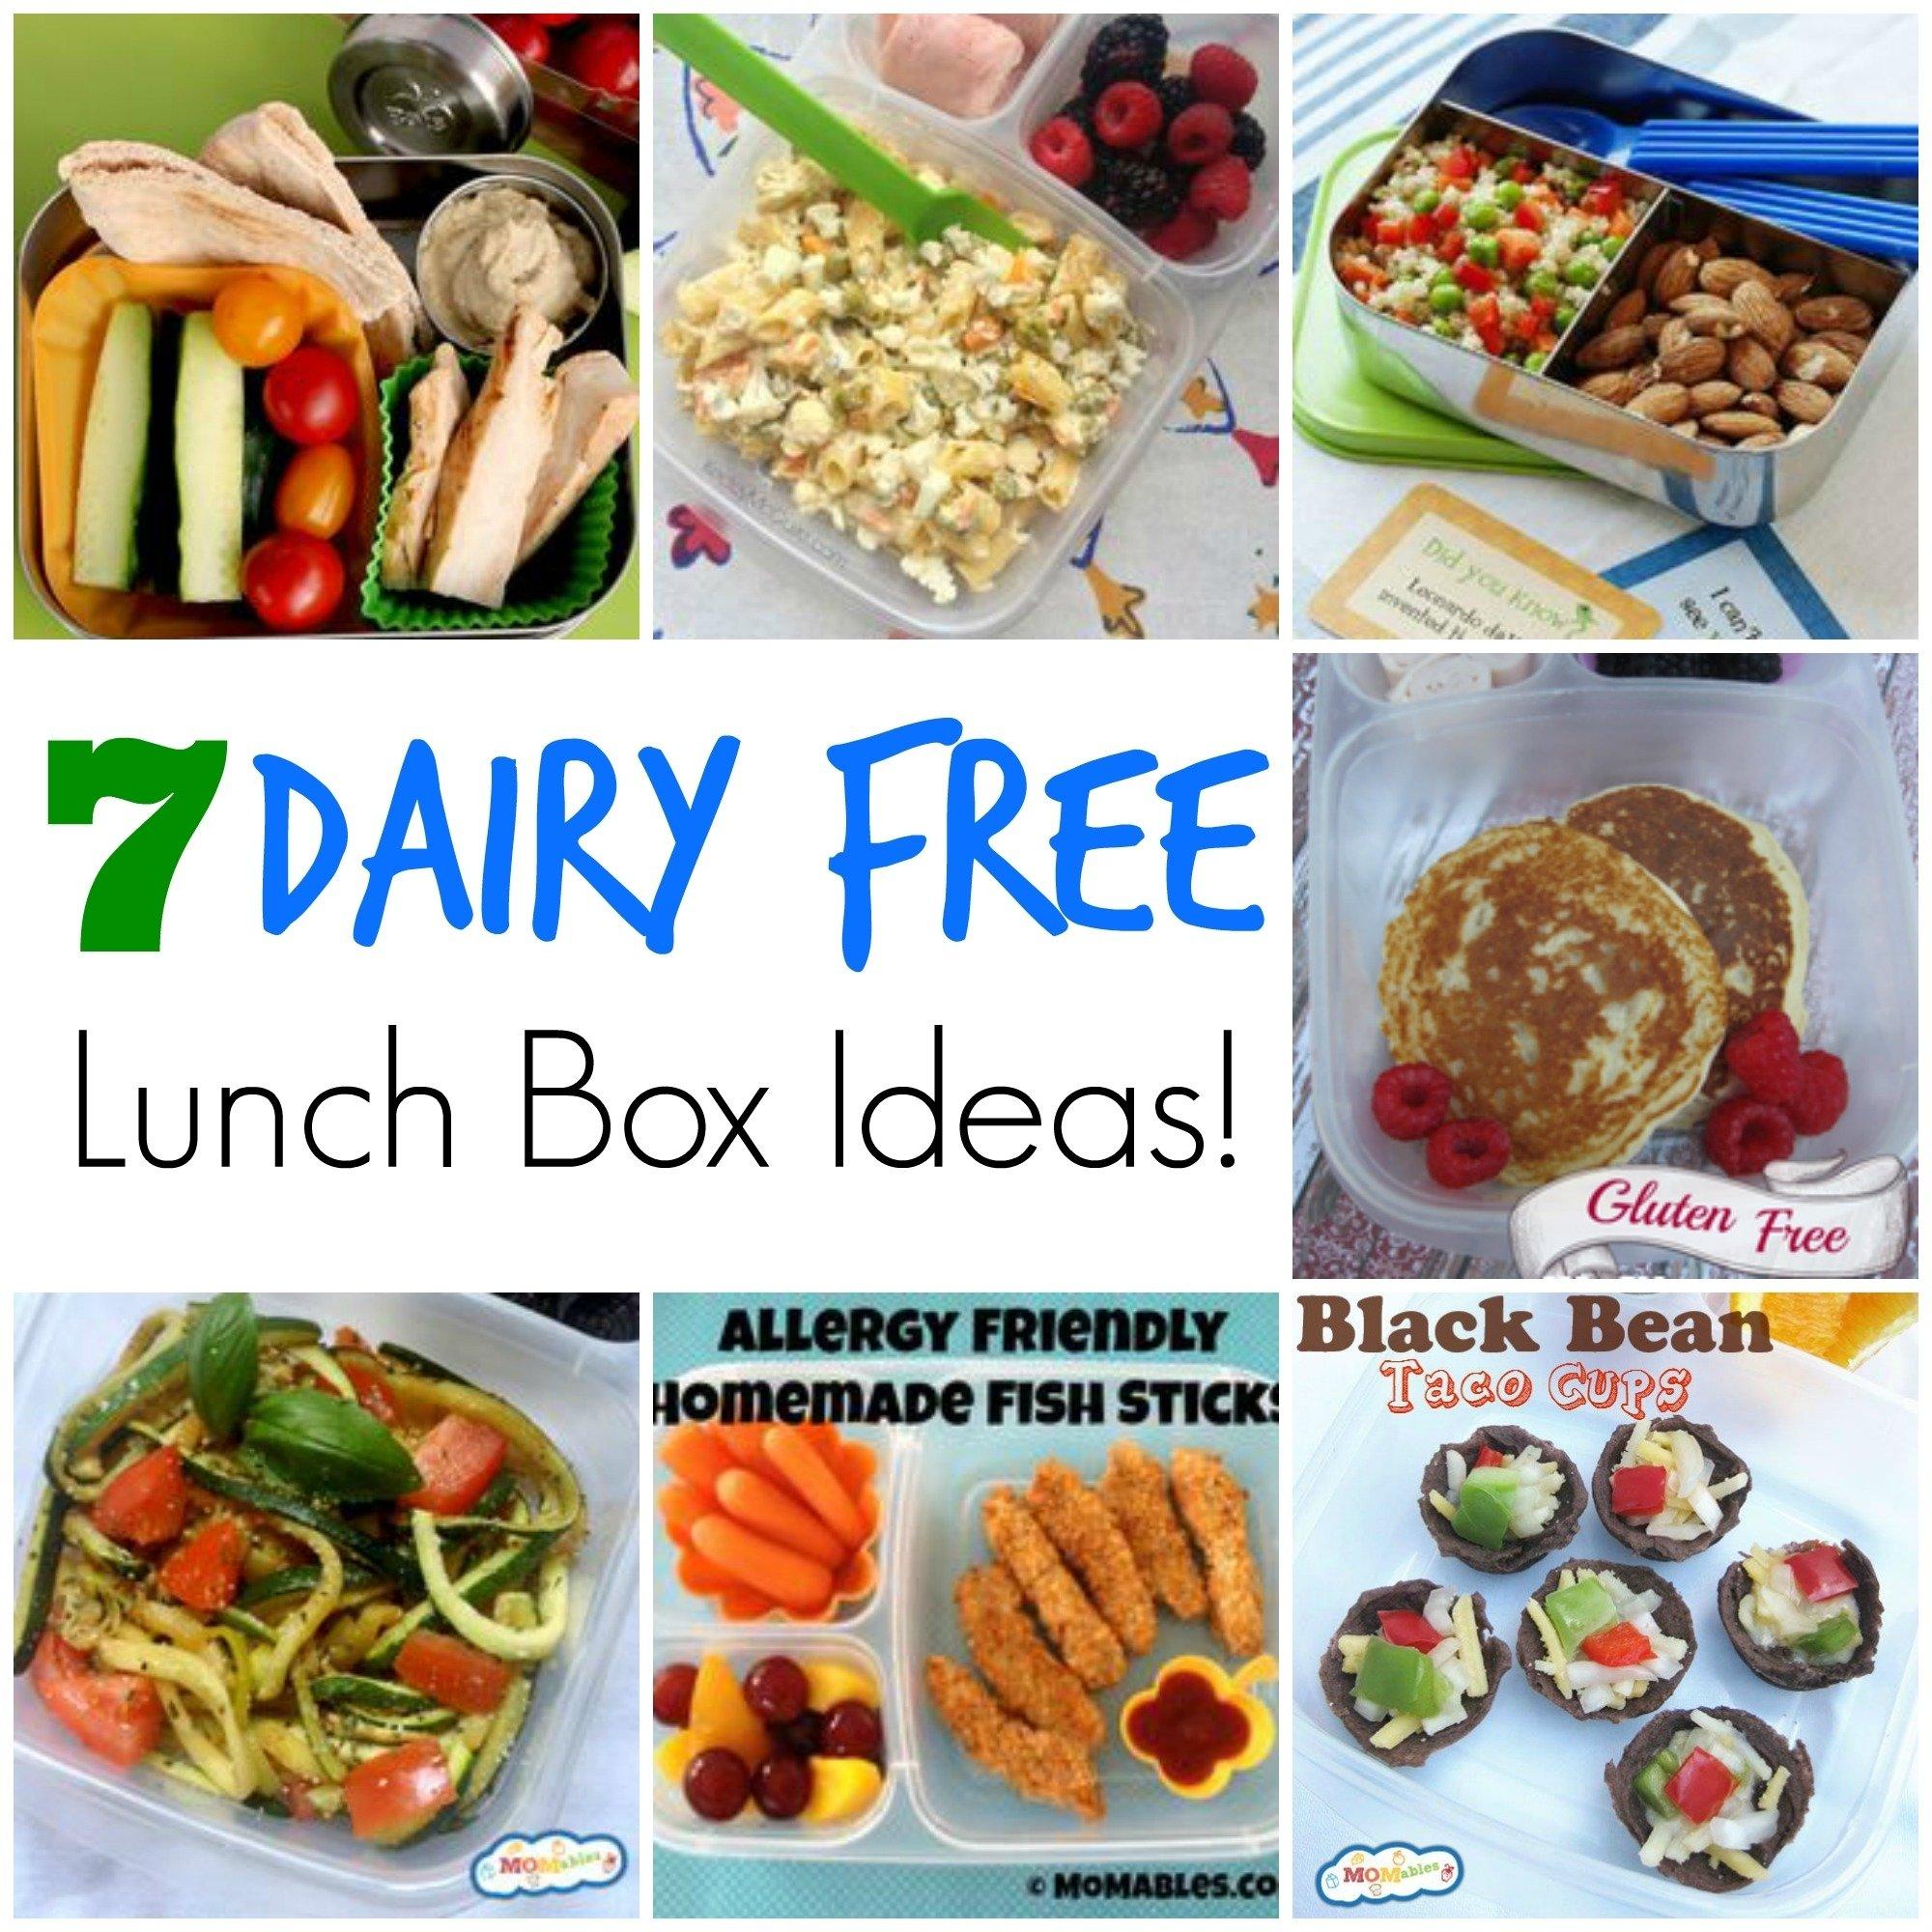 10 Lovable Gluten Free Fast Food Ideas 7 dairy free school lunch ideas 15 2020